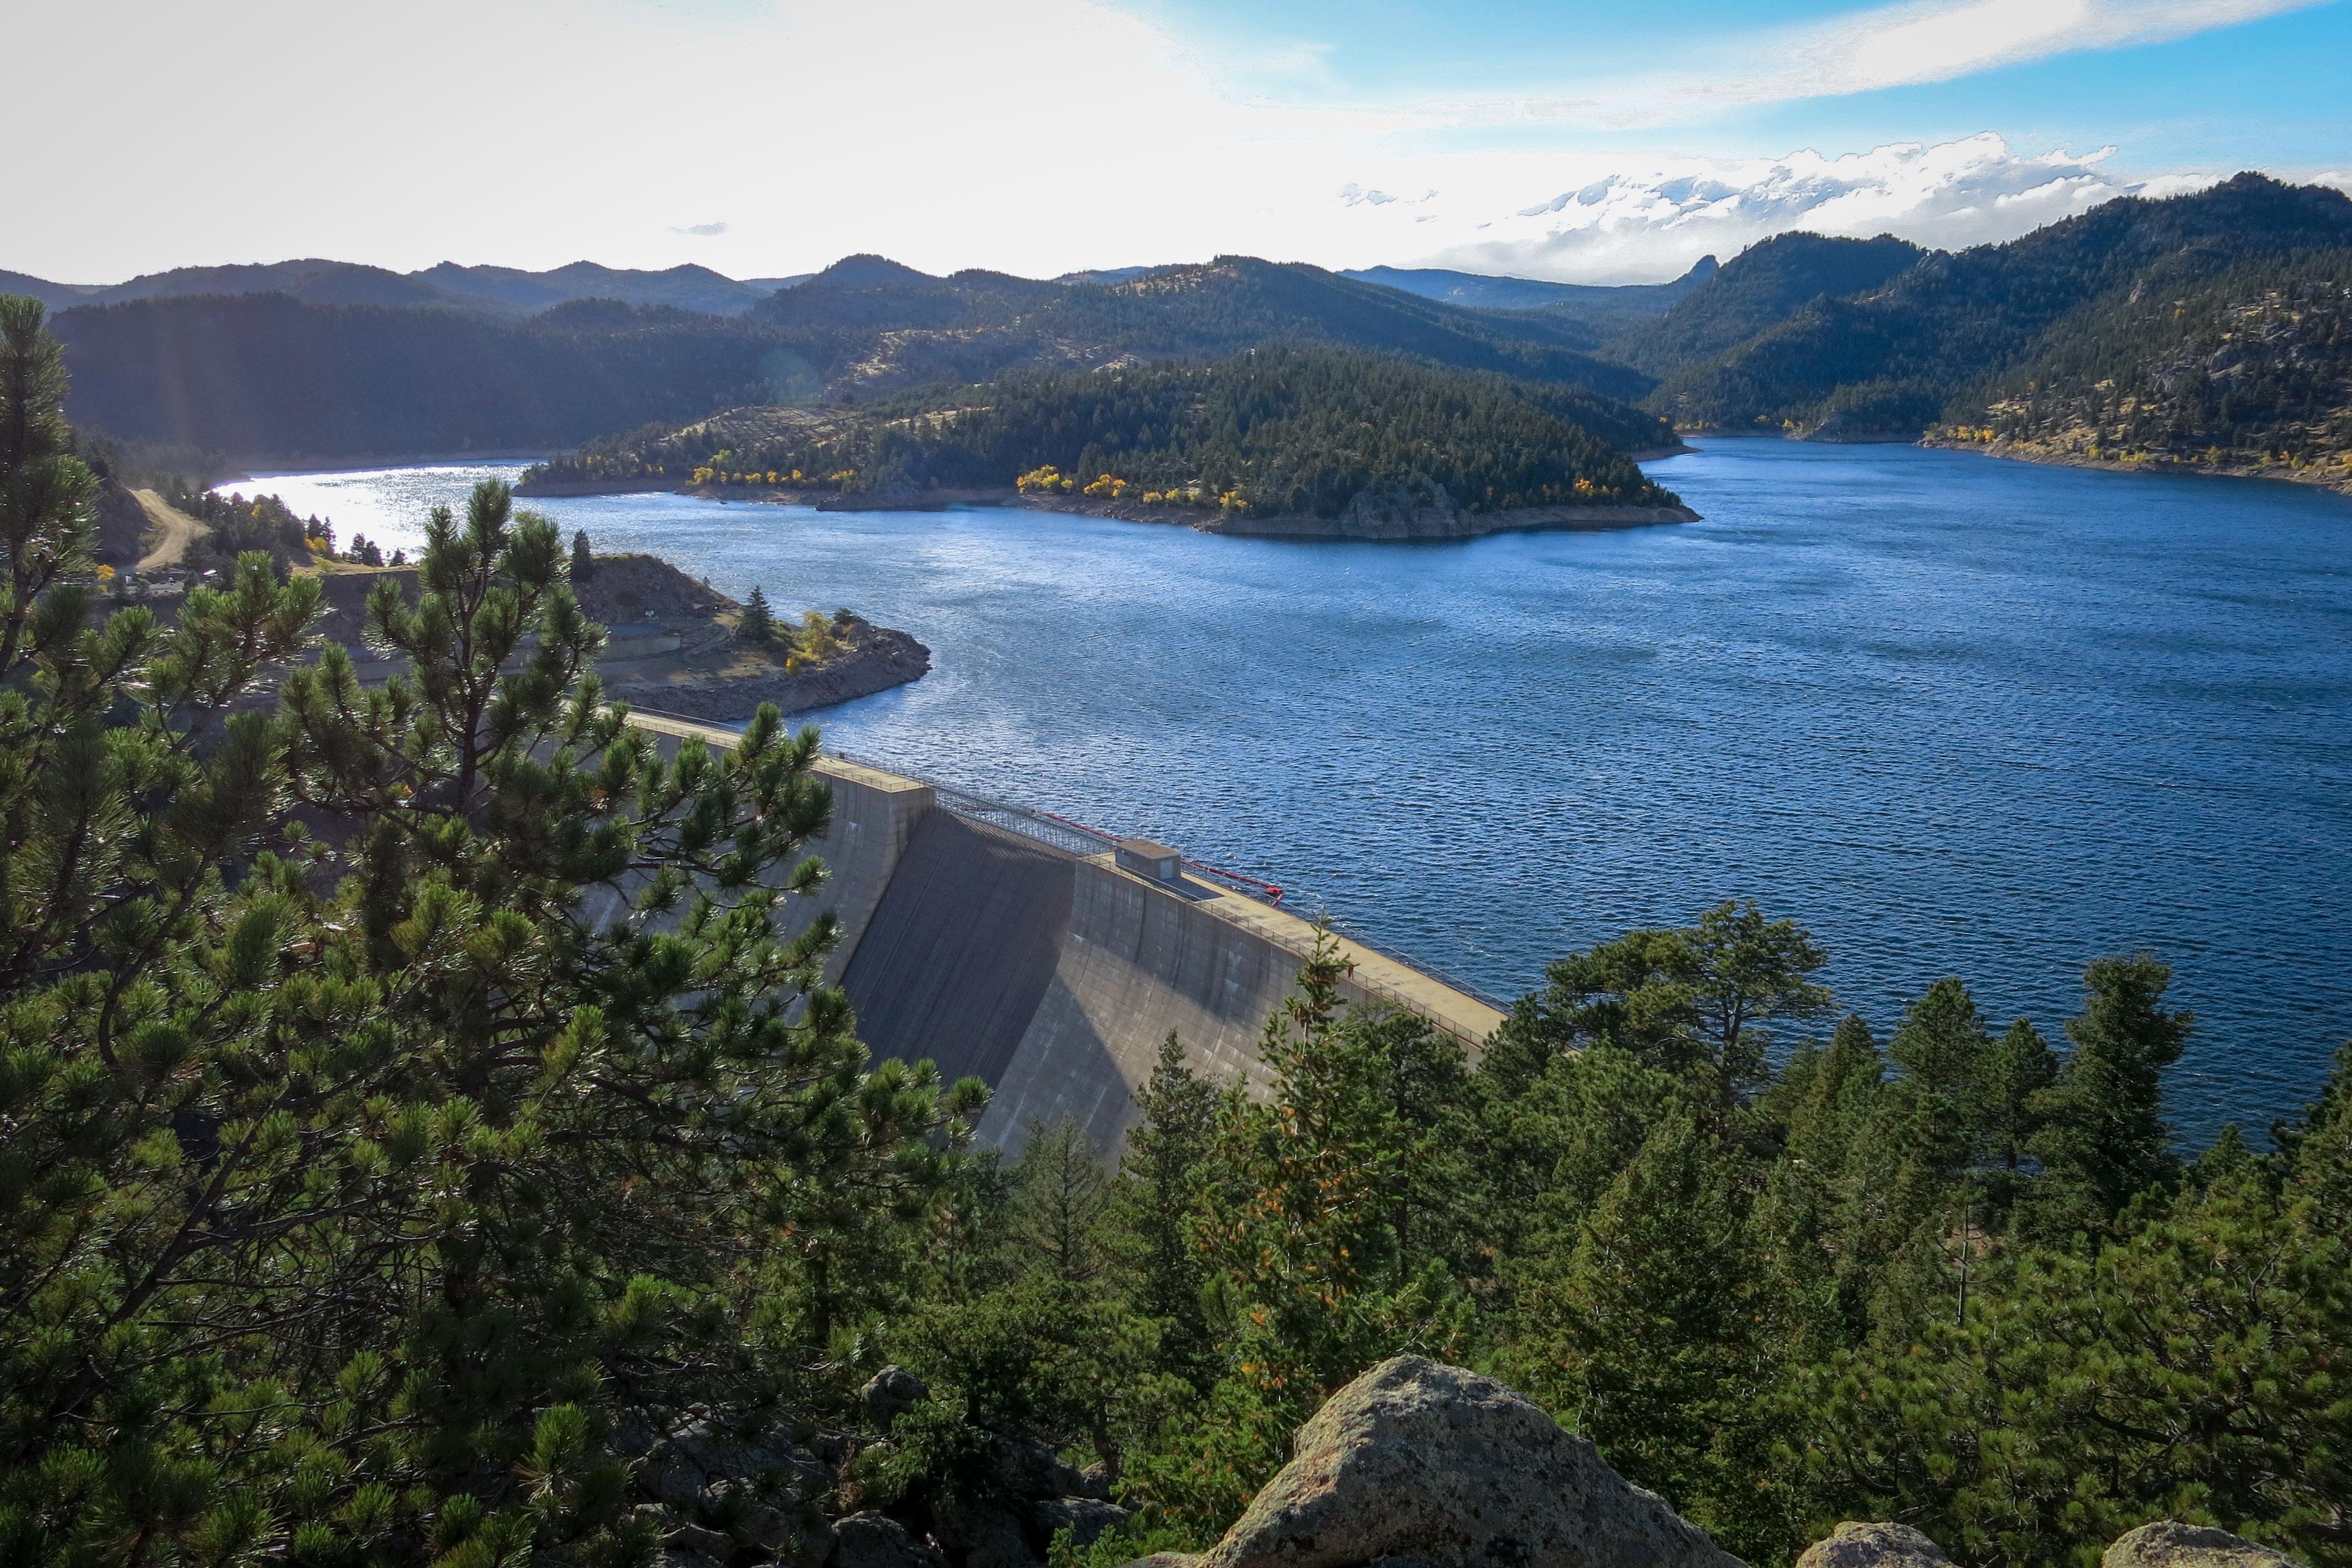 Photo: Gross Reservoir 3 | Dam View - GHood